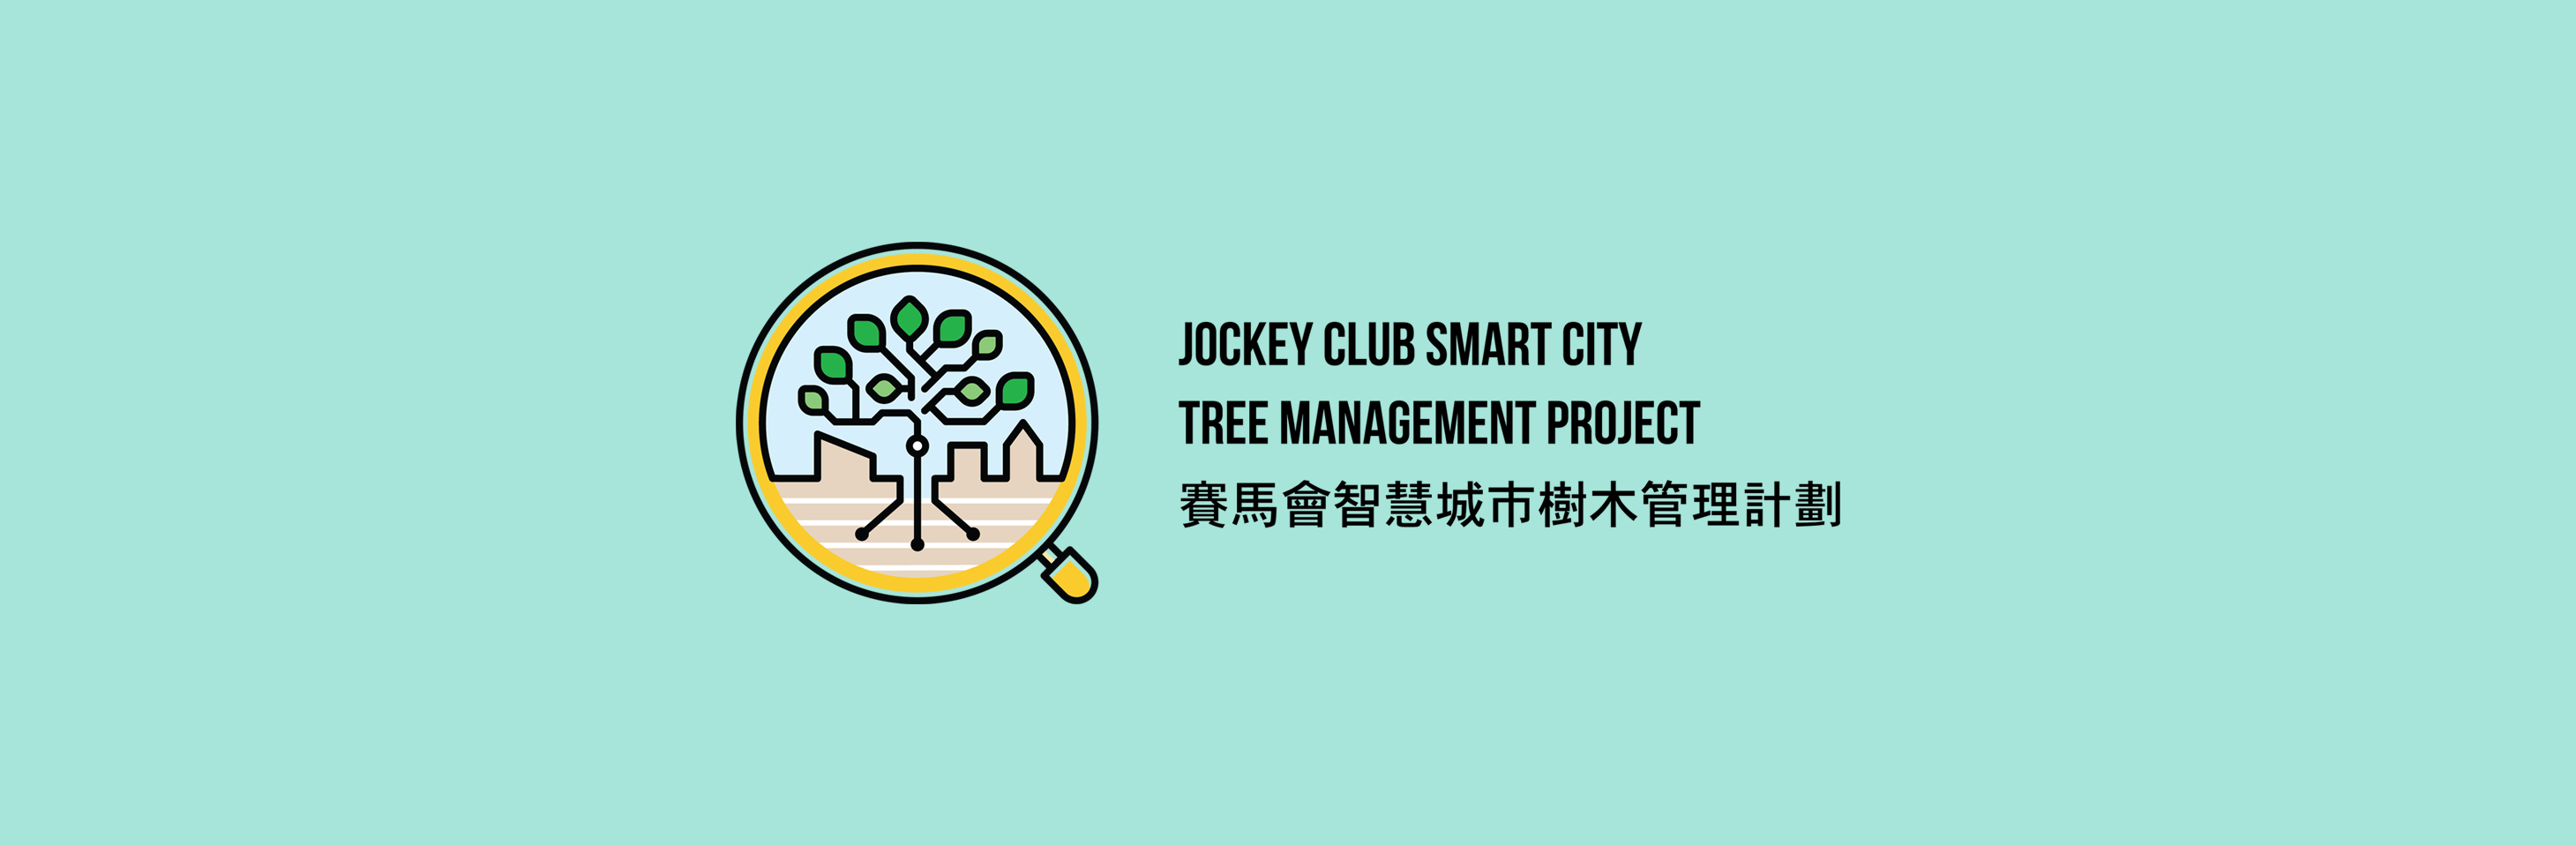 賽馬會智慧城市樹木管理計劃